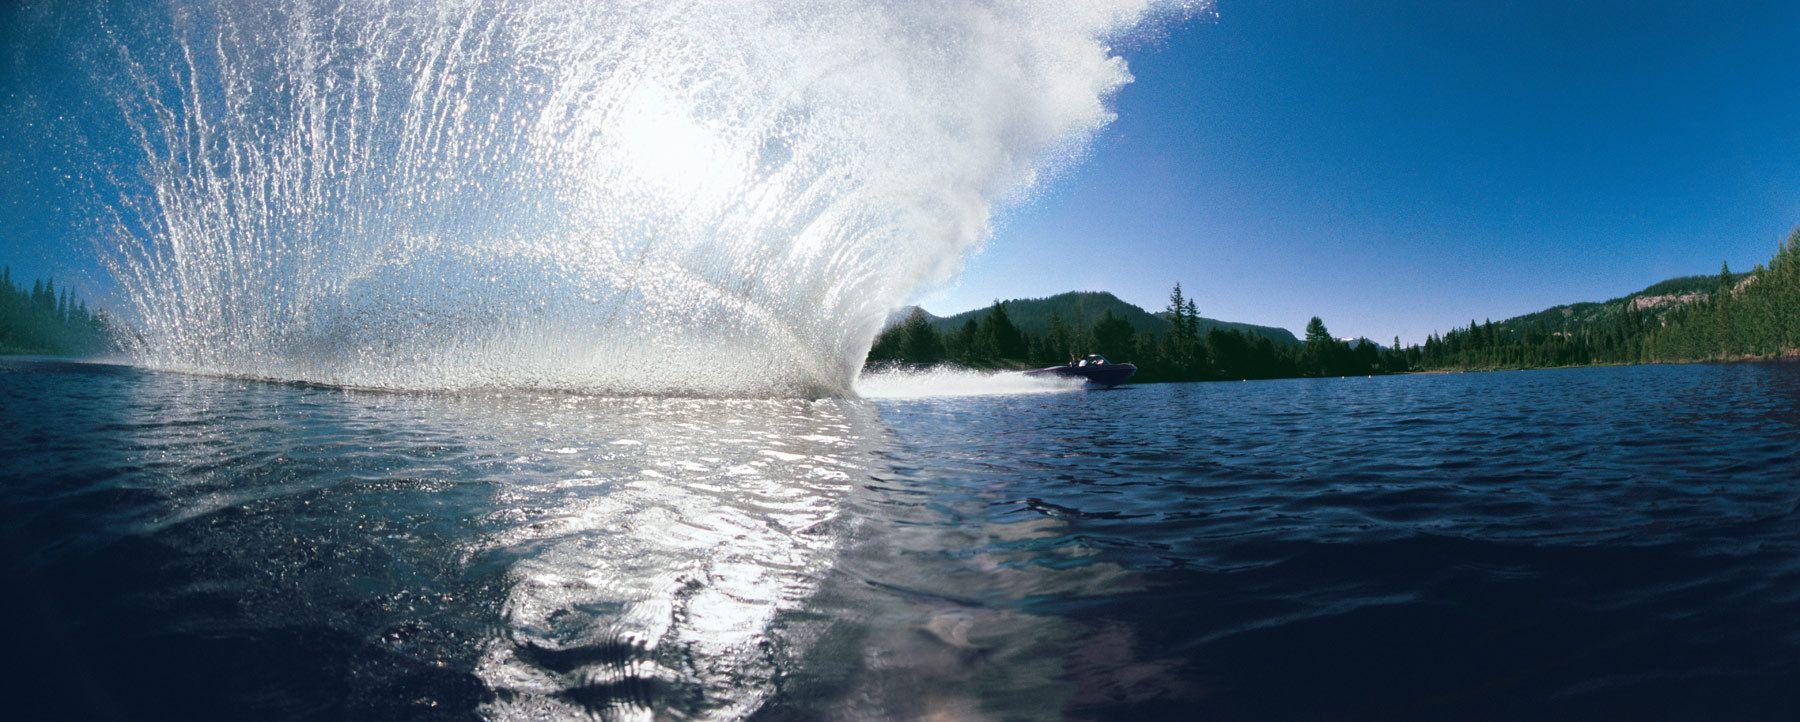 1slalom_skier_panorama